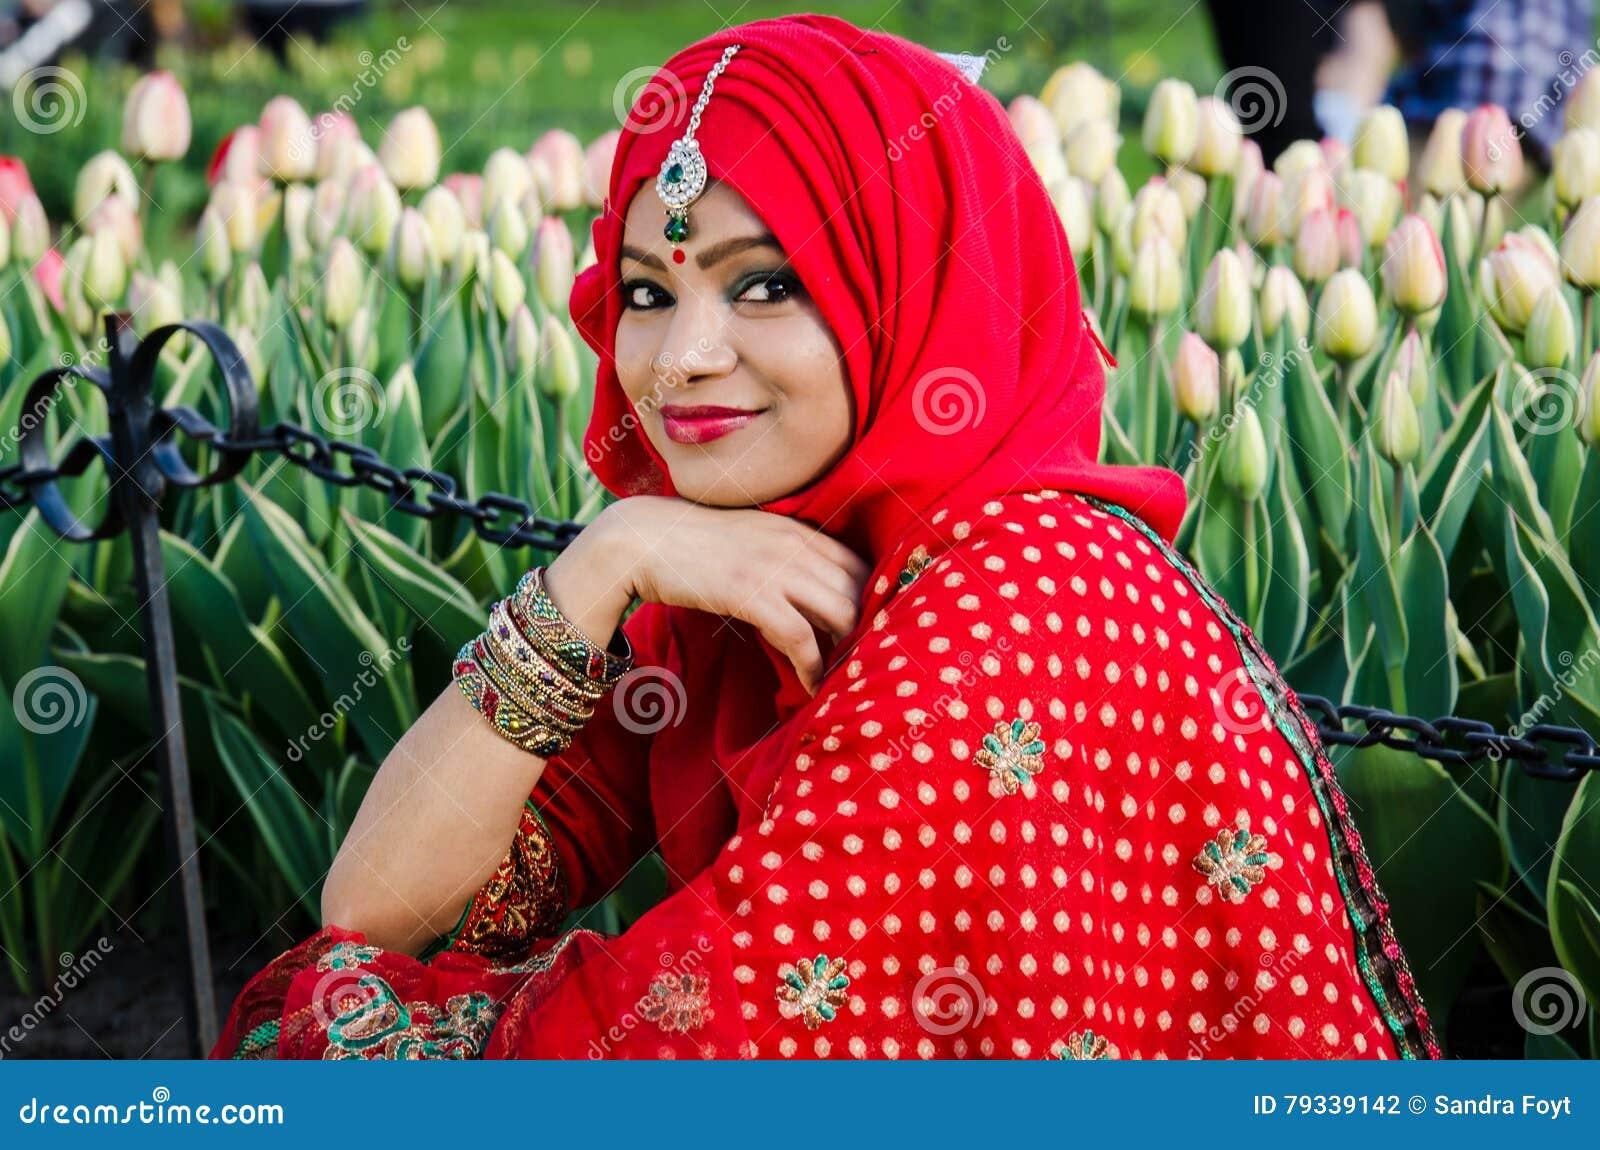 Smiling Beauty in Arabic Headress